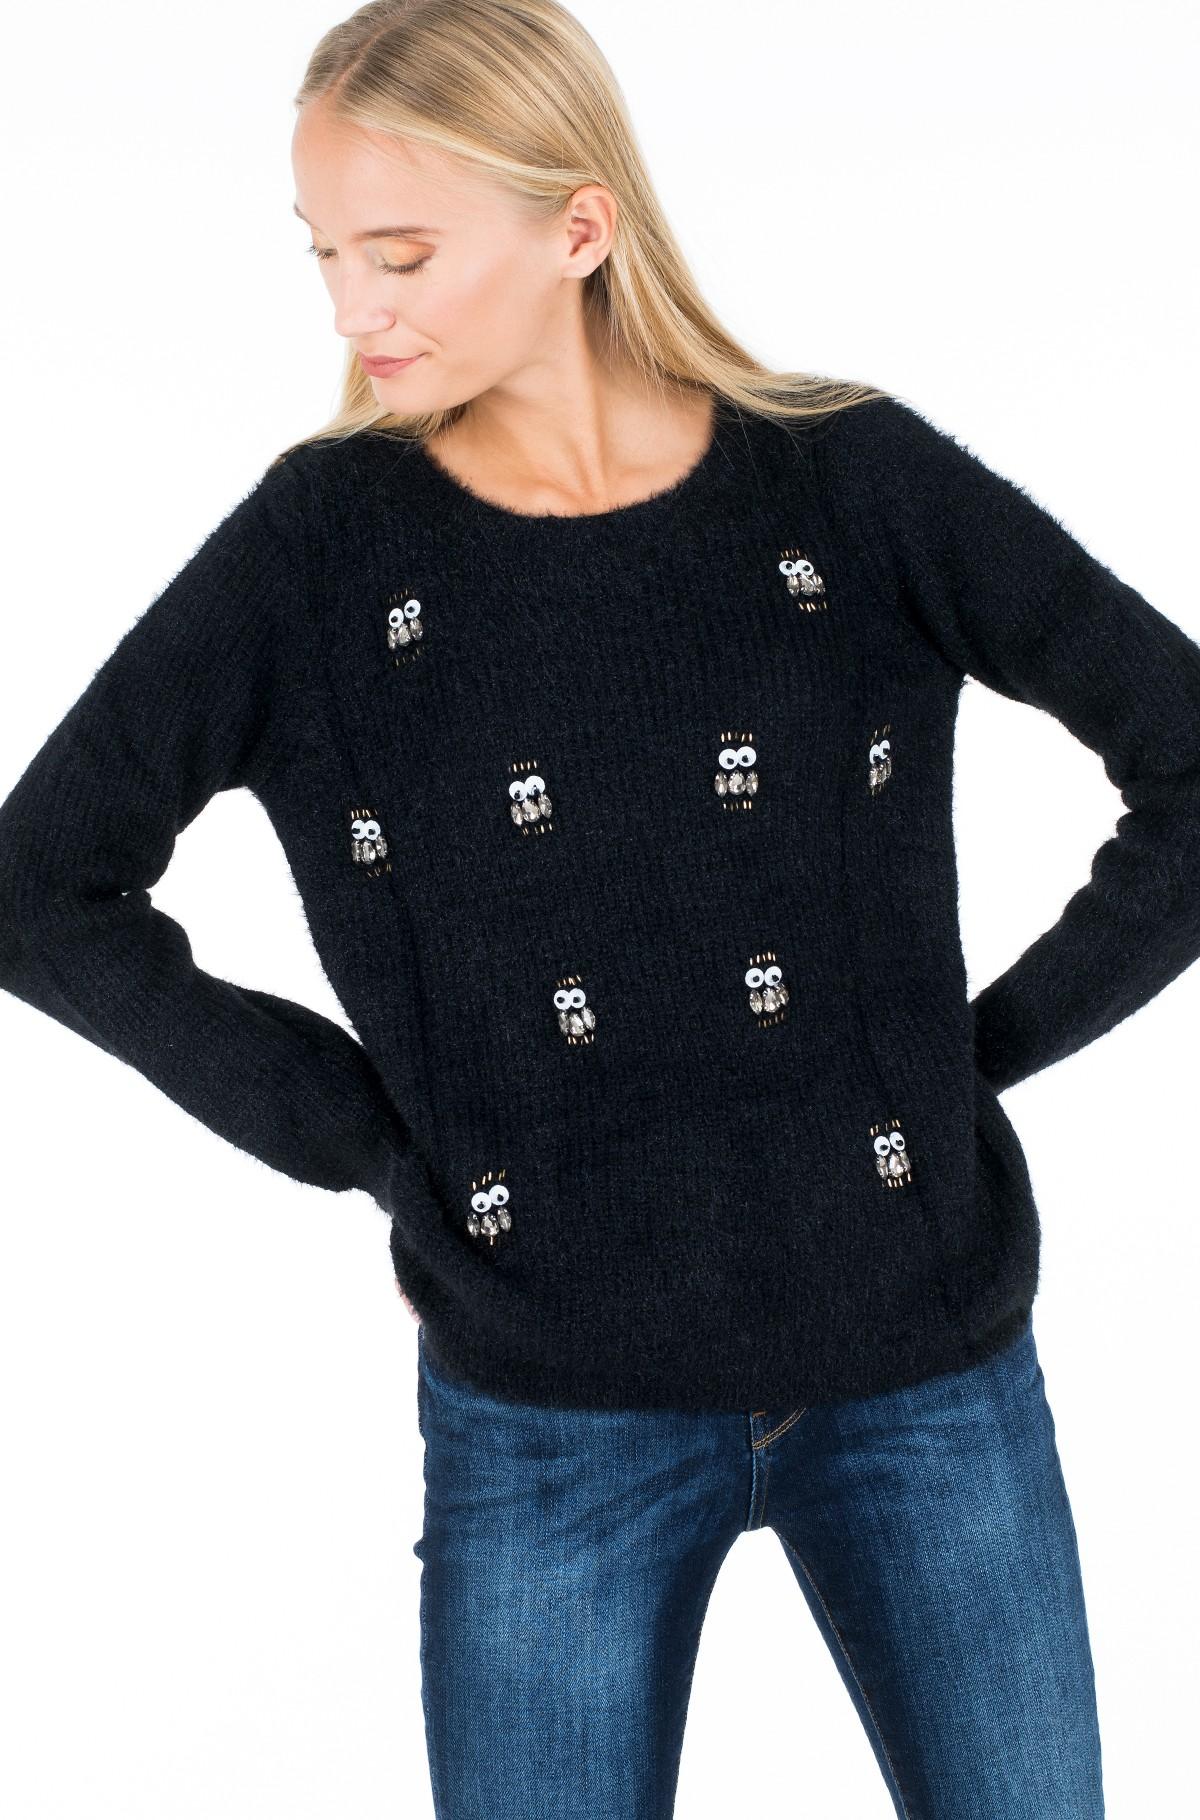 Sweater LA349H19-full-1